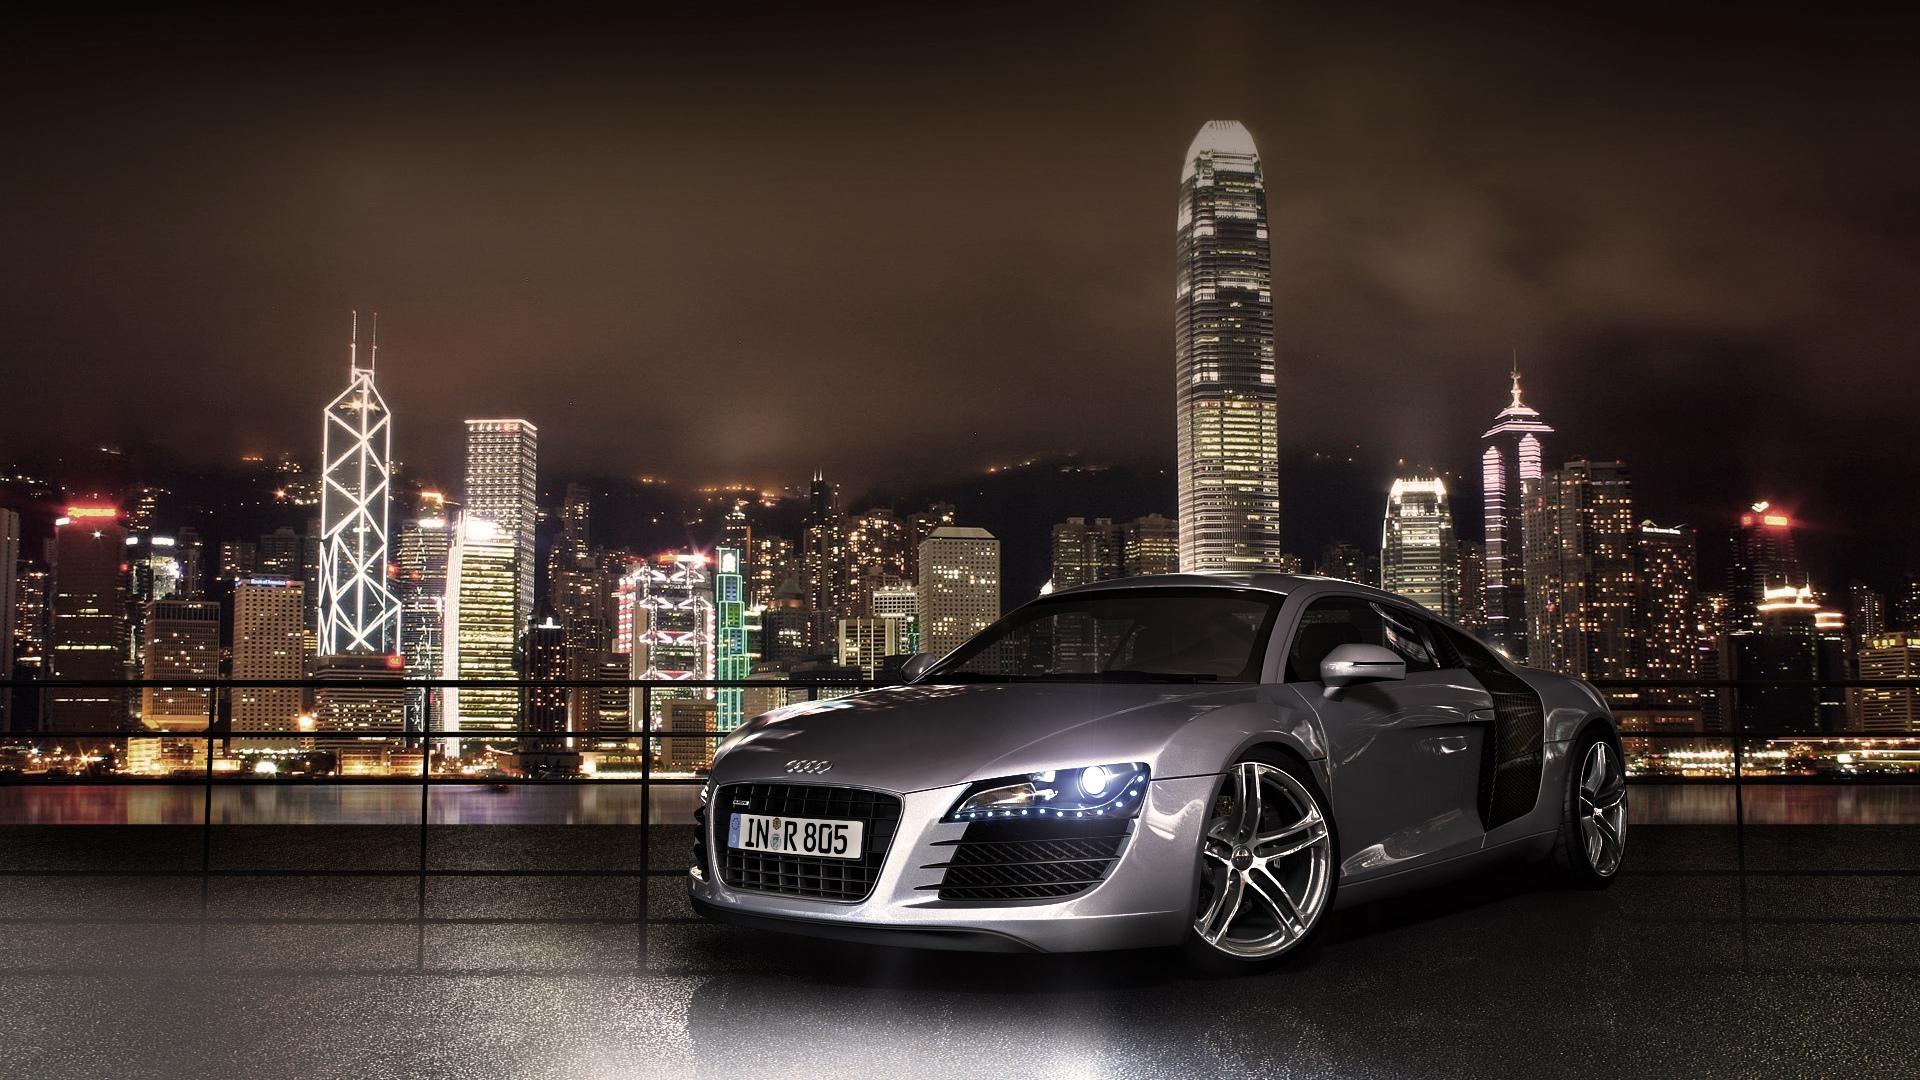 36538 скачать обои Транспорт, Машины, Ауди (Audi) - заставки и картинки бесплатно